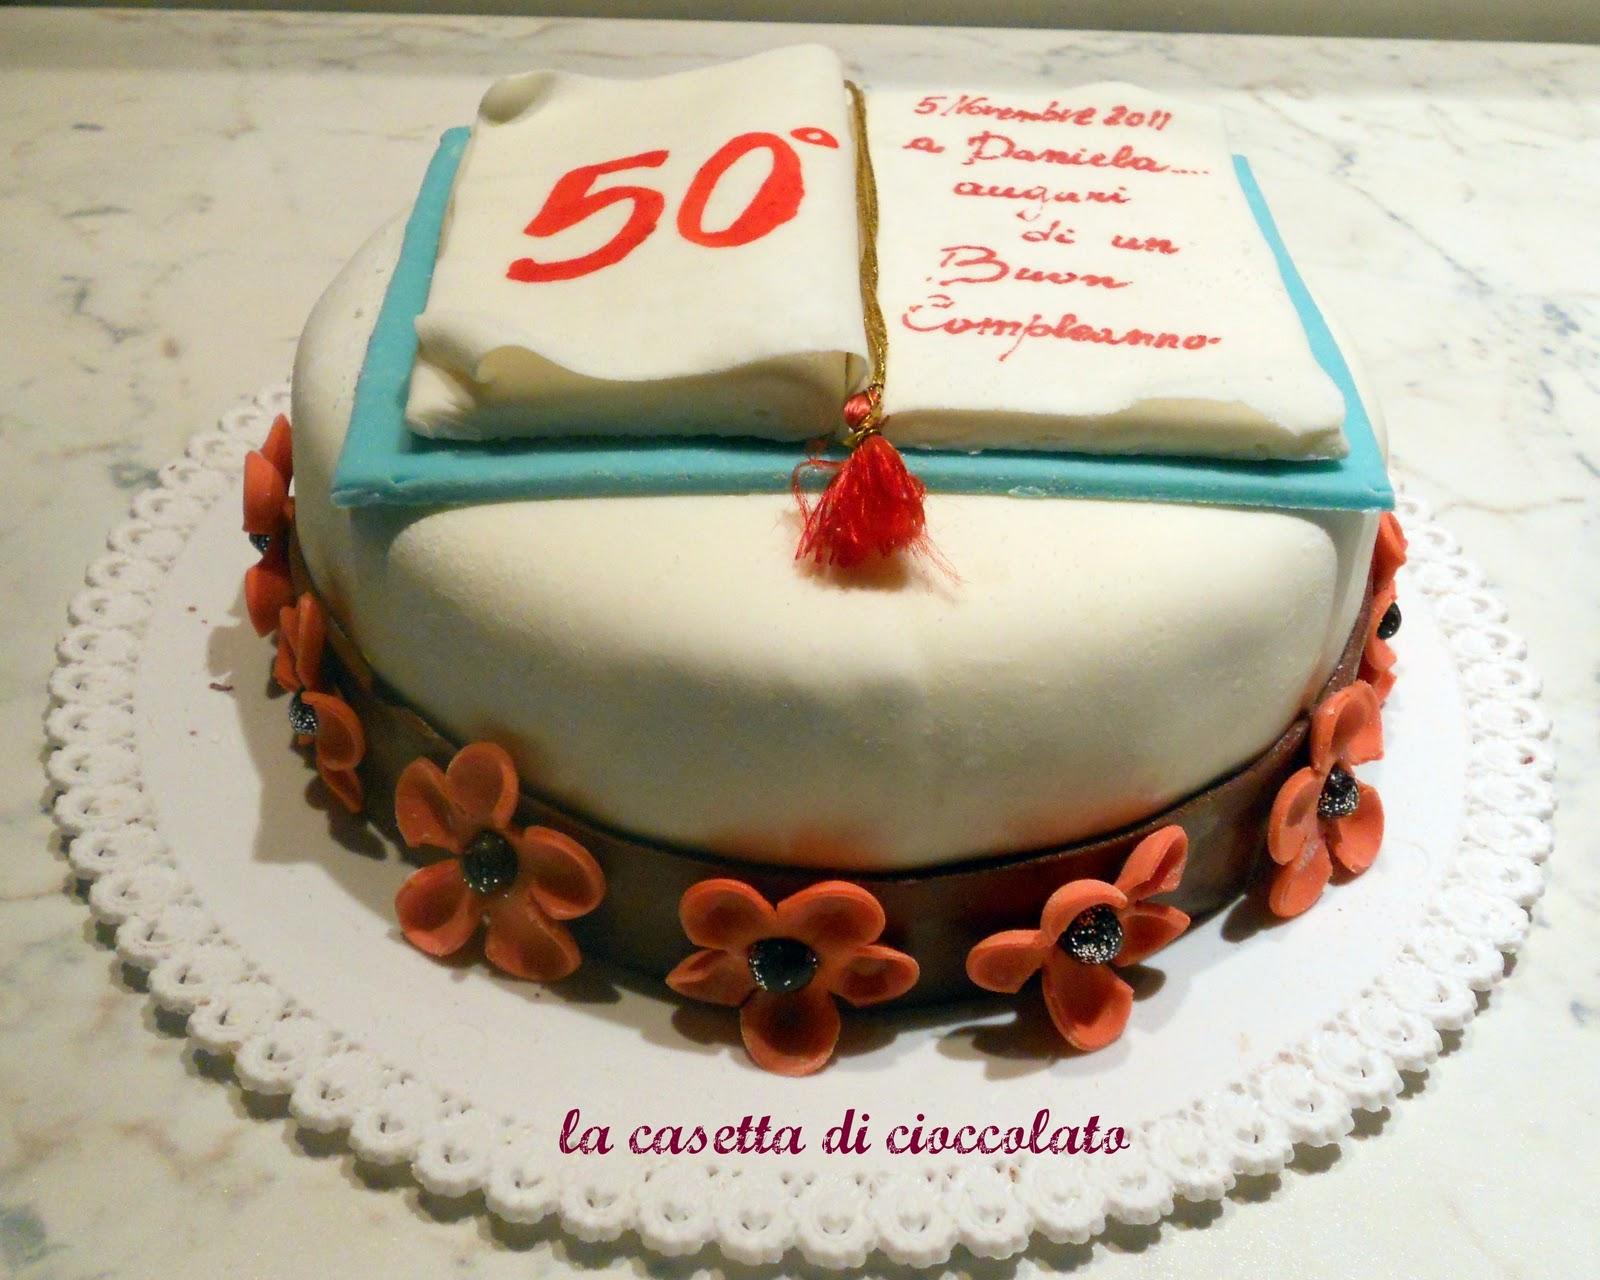 Favorito la casetta di cioccolato: torta con il libro aperto per Daniela AA03